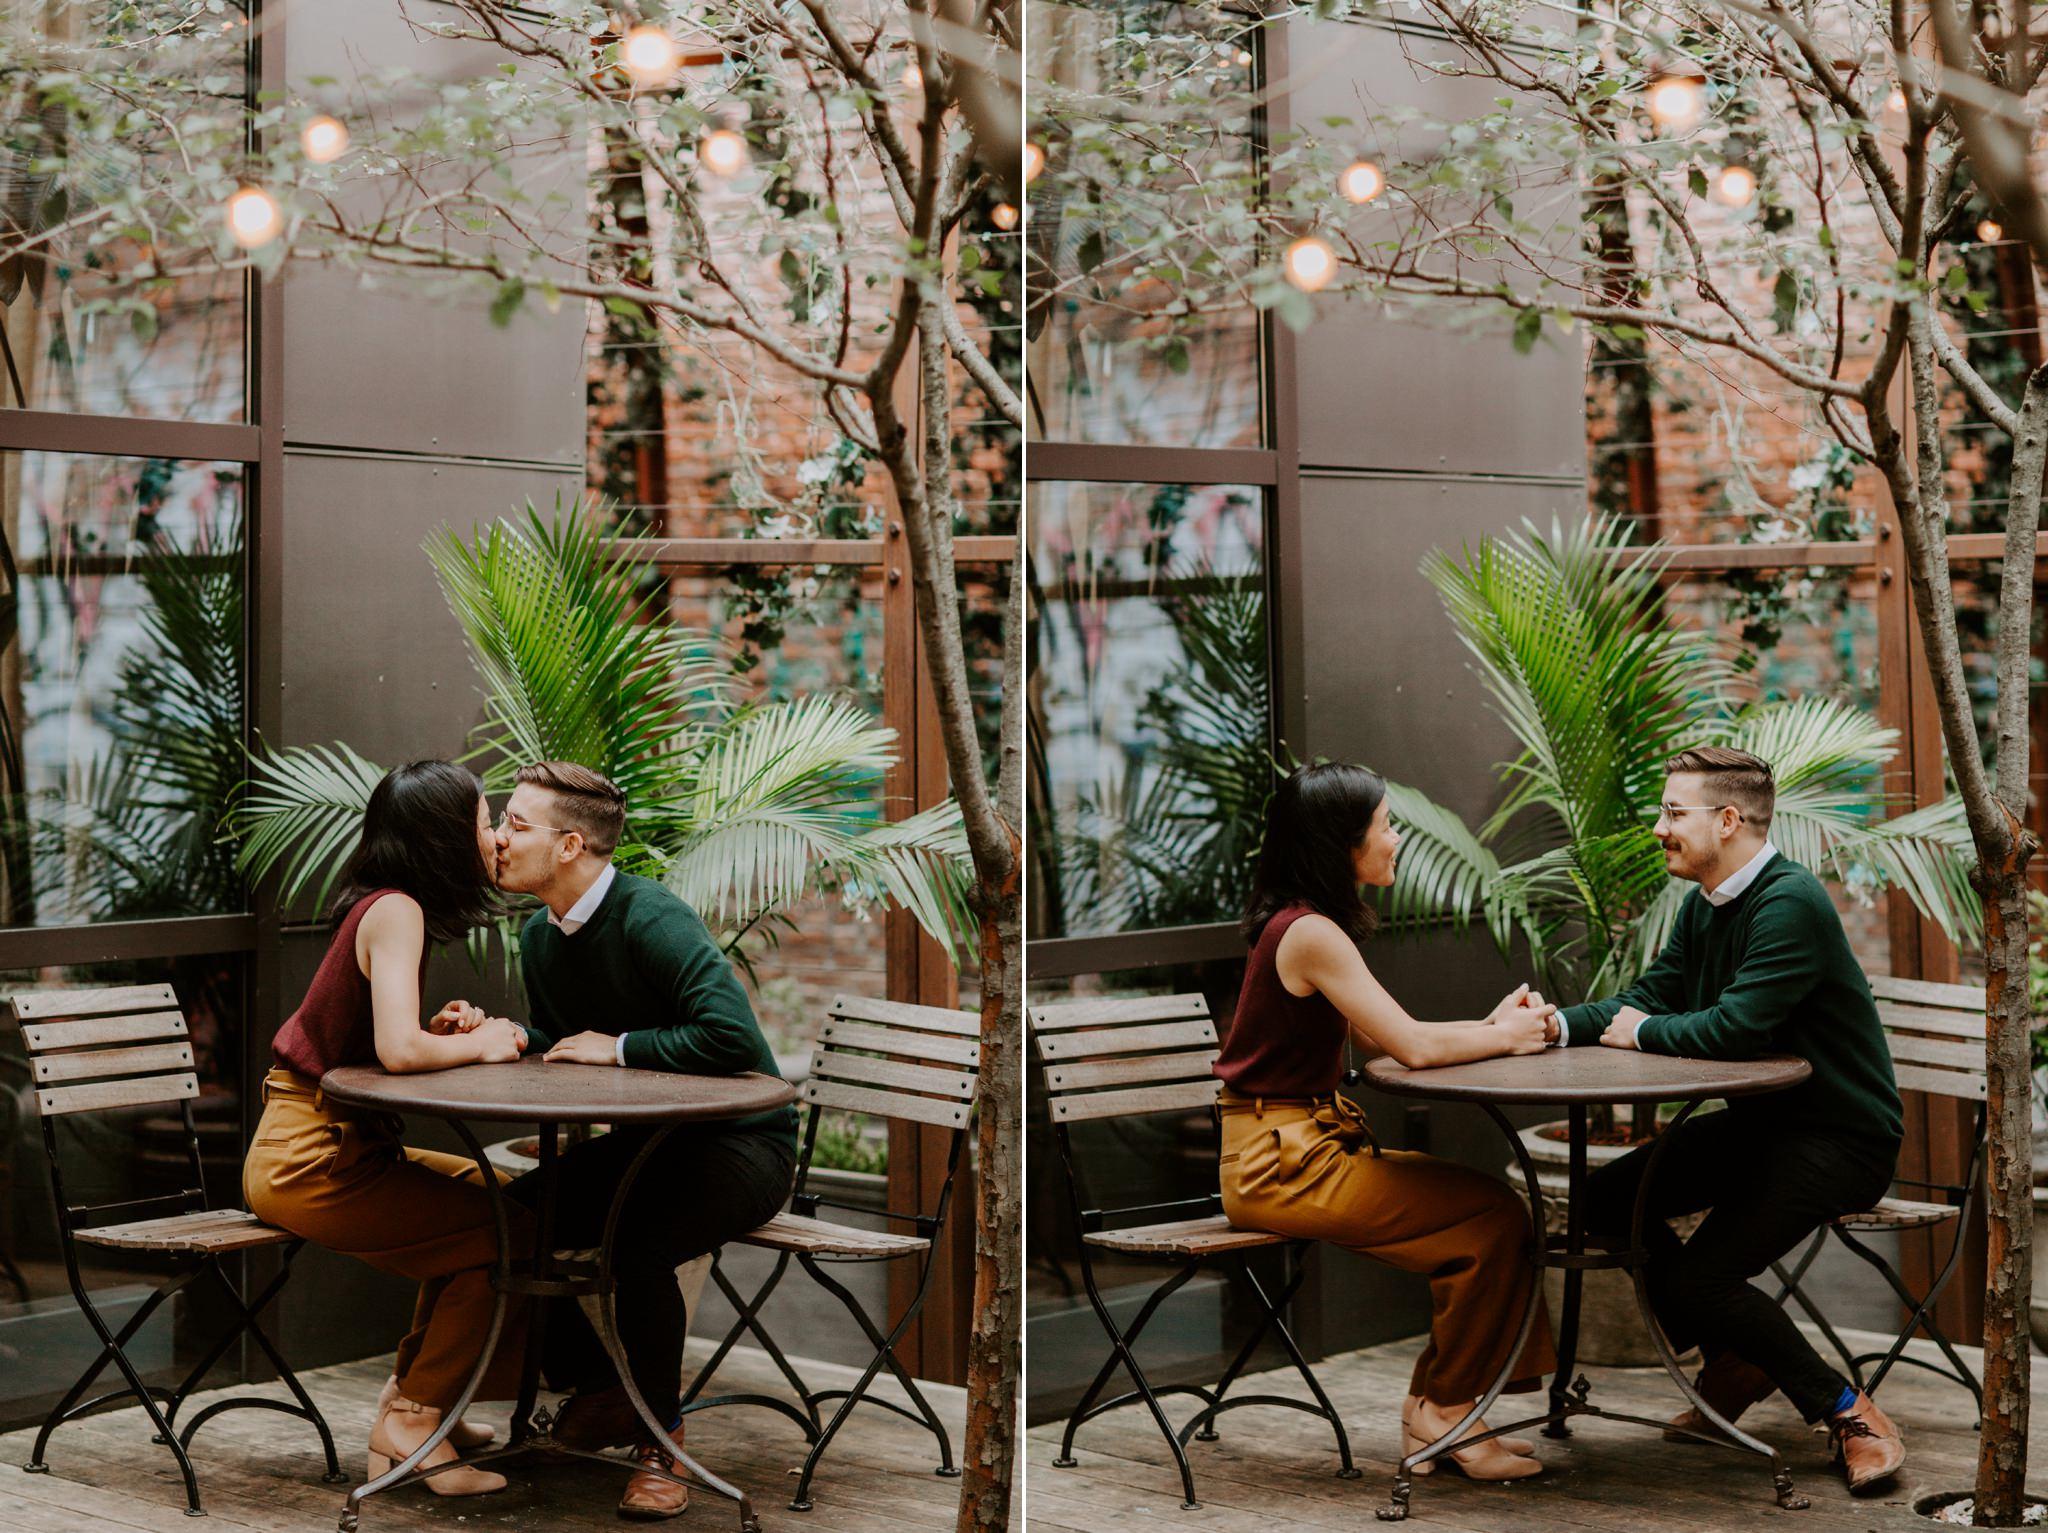 NYC engagement photos at the NoHo SoHo hotel